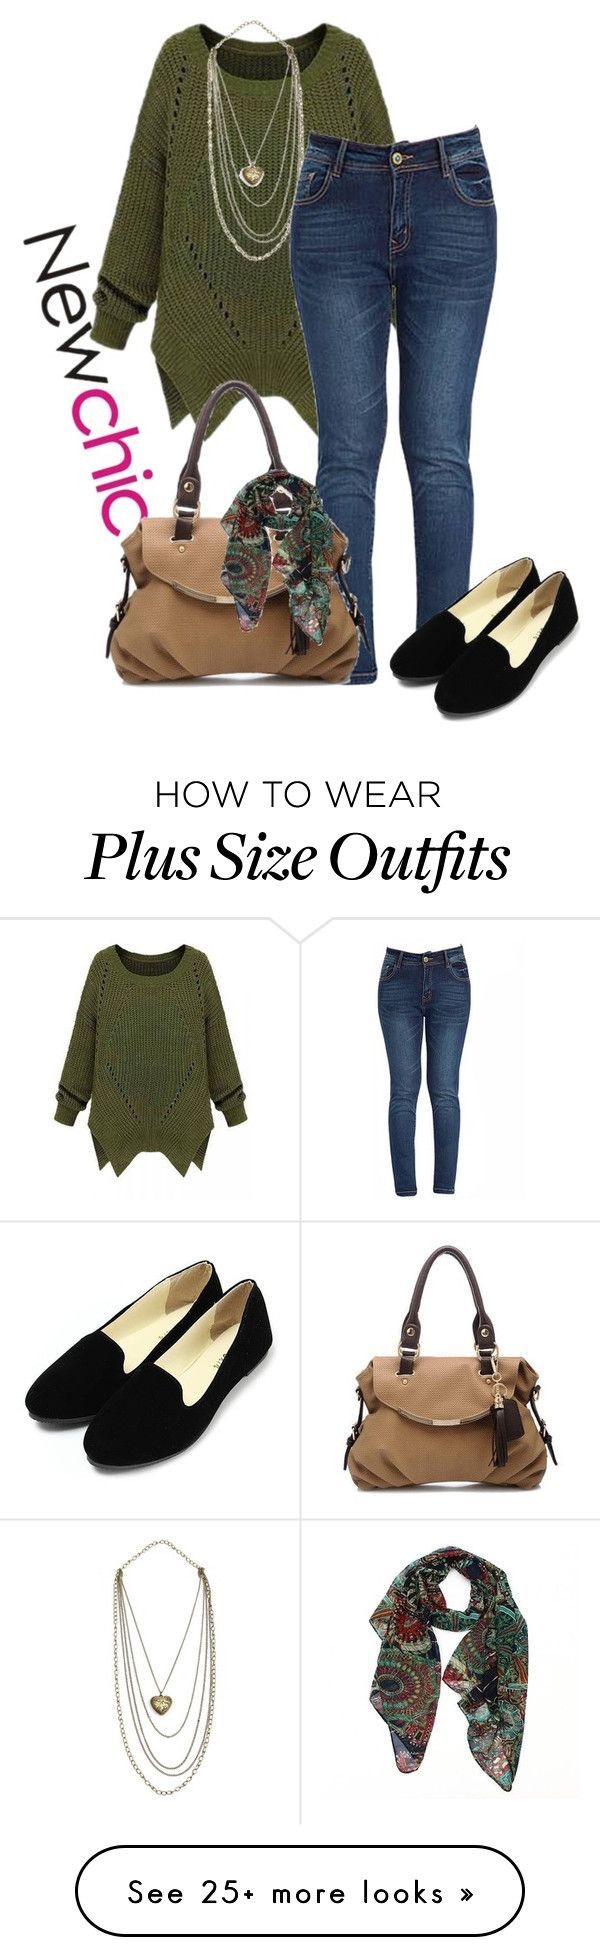 Ich liebe Grüntöne. Deshalb hier ein lockeres Herbst-Outfit.